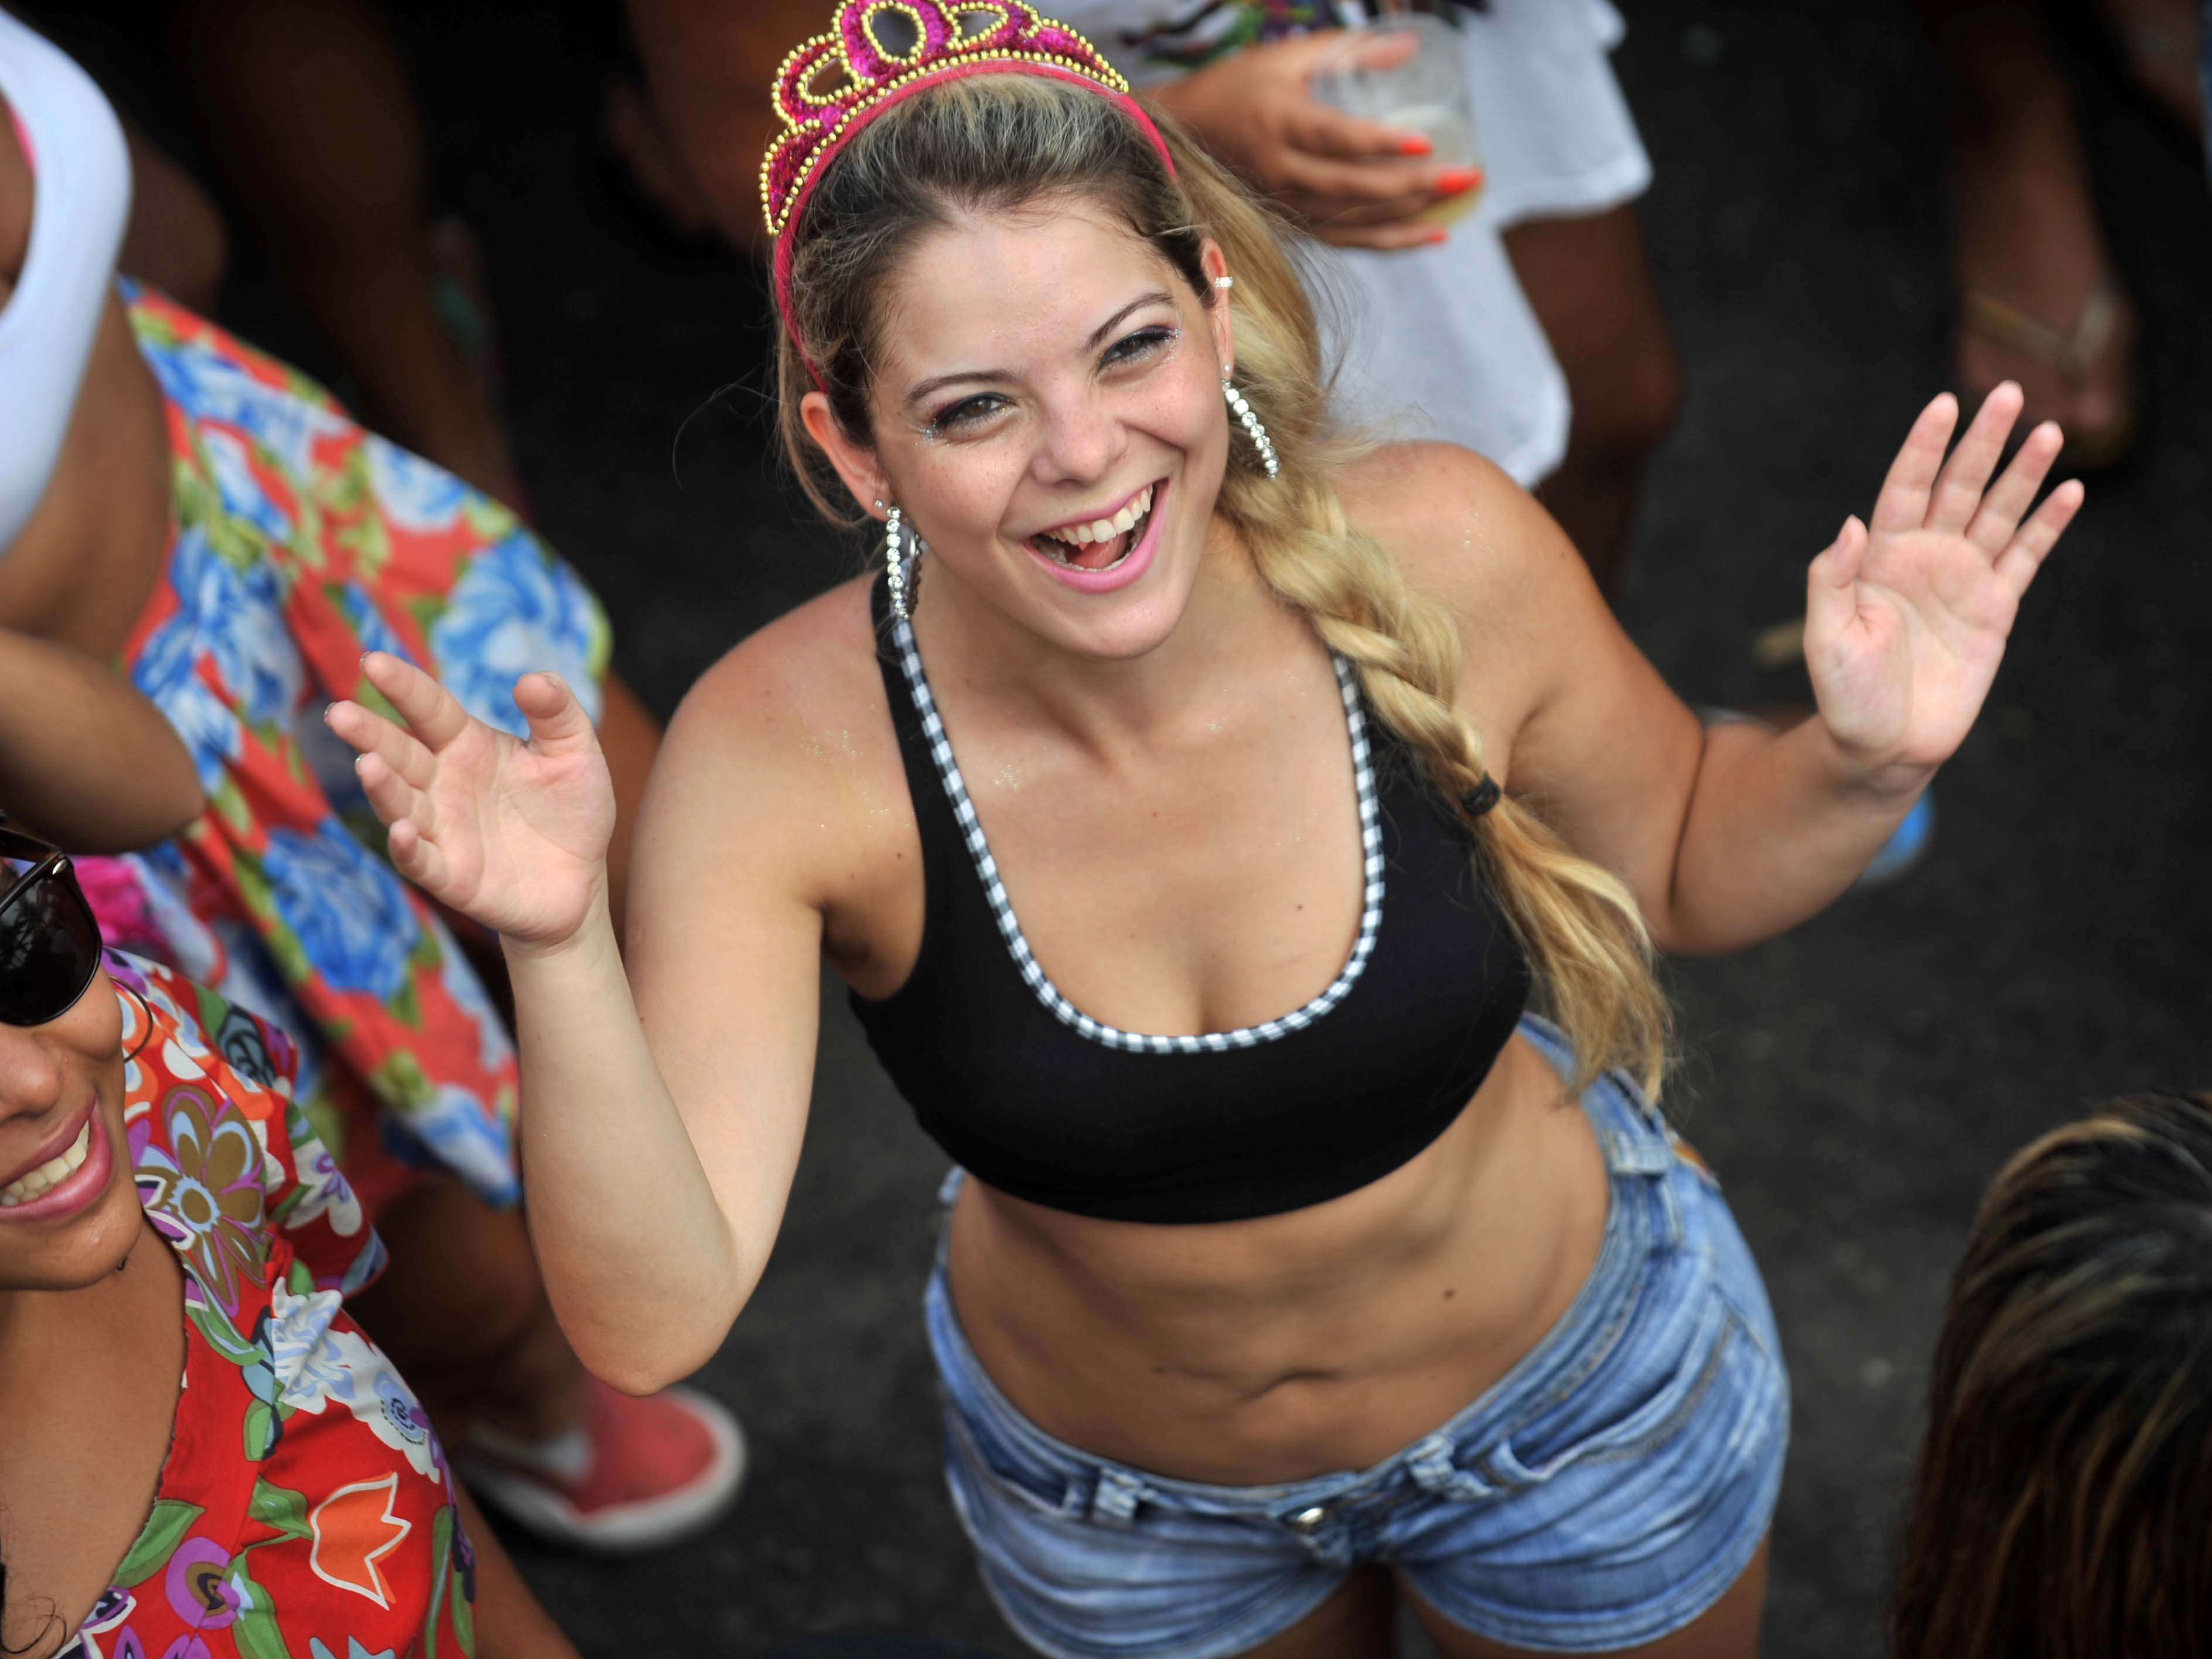 Com 18 anos de tradição, o bloco Simpatia É Quase Amor arrastou uma multidão de 100 mil pessoas na orla de Ipanema, no Rio, nesta domingo Foto: Mauro Pimentel/Terra